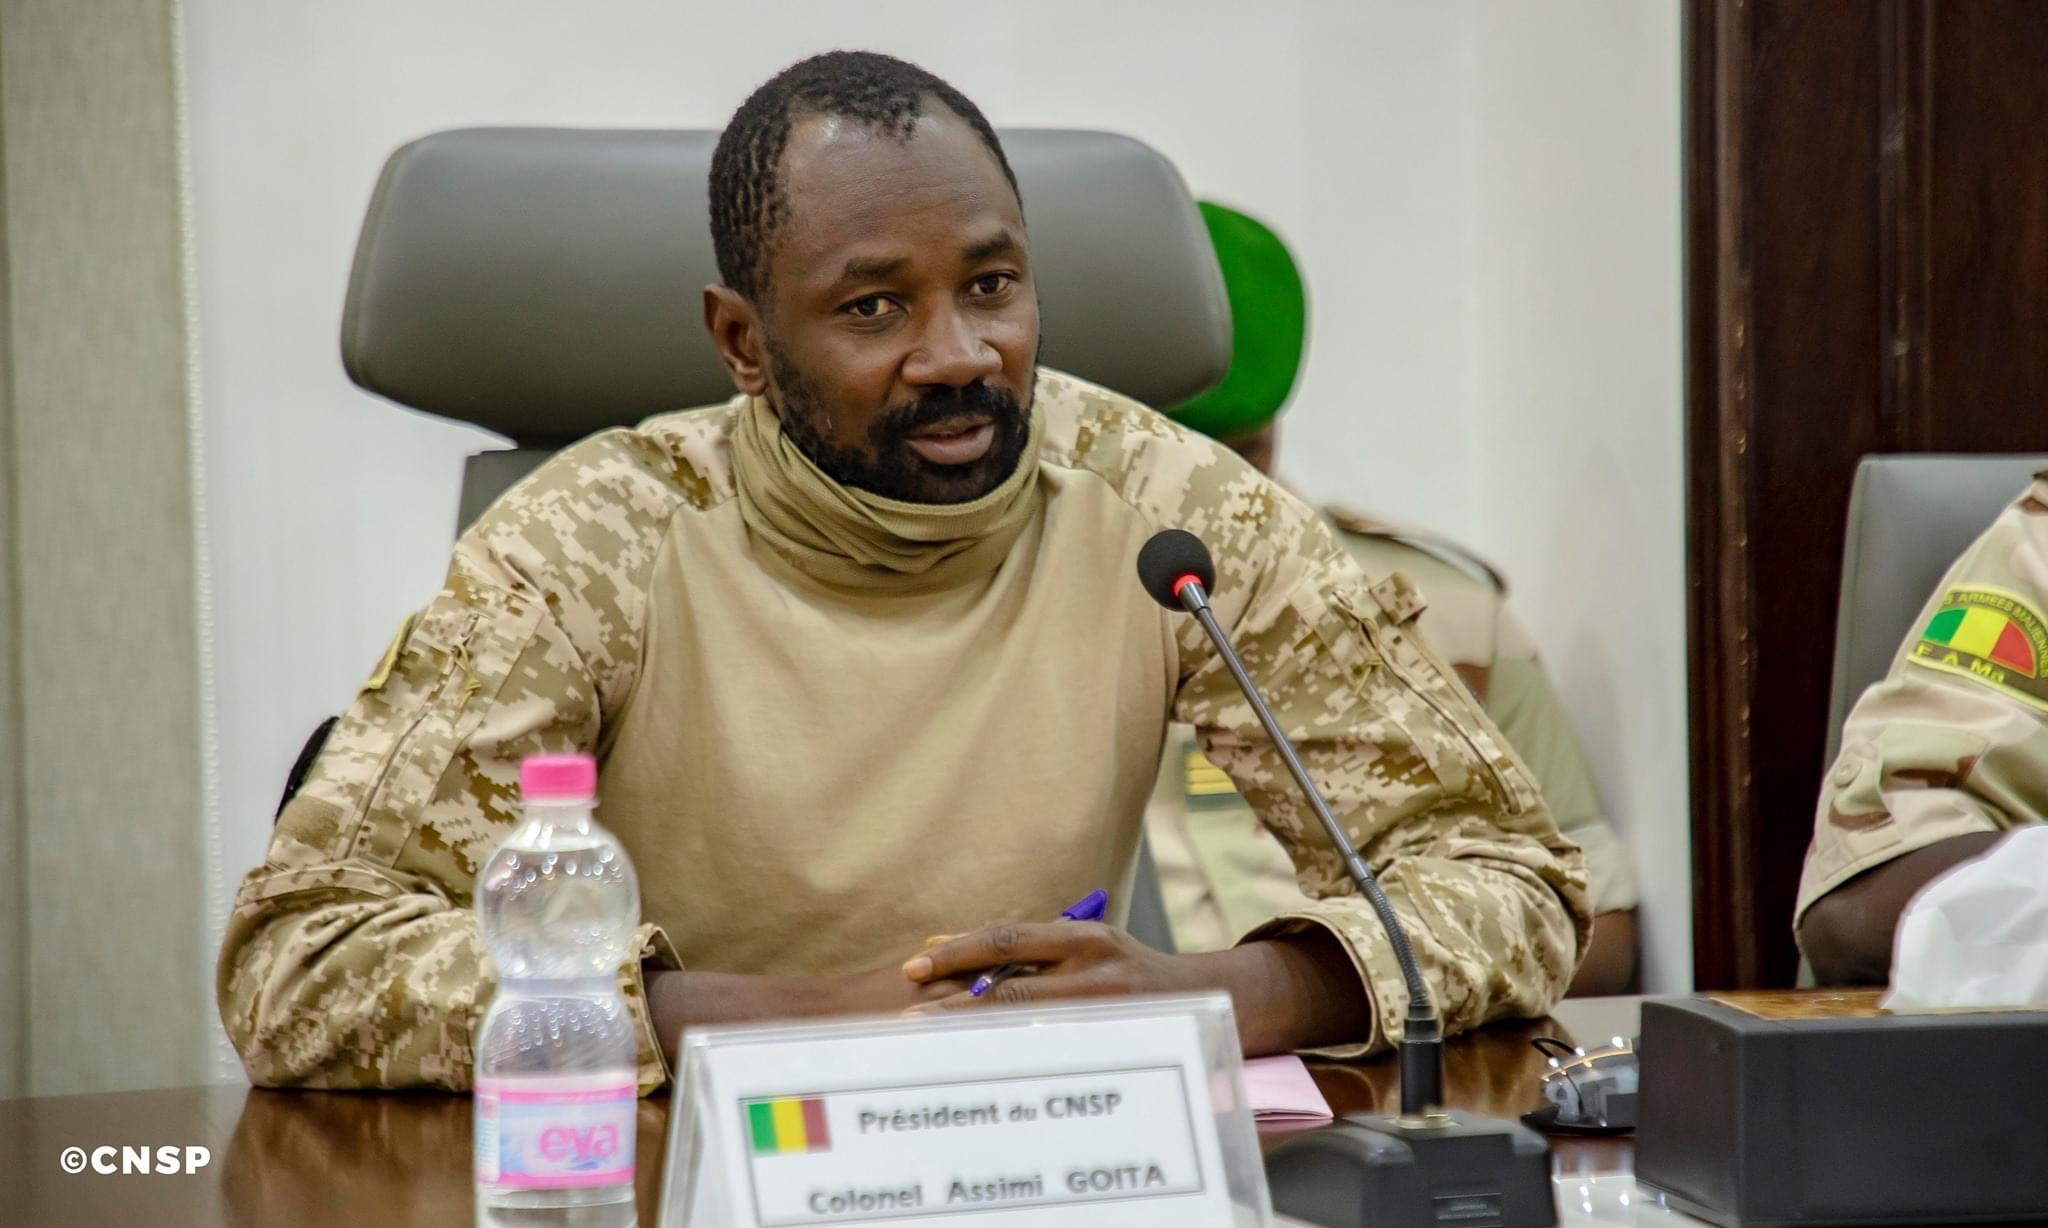 Mali : Le président du CNSP nomme des hommes de confiance aux postes stratégiques.